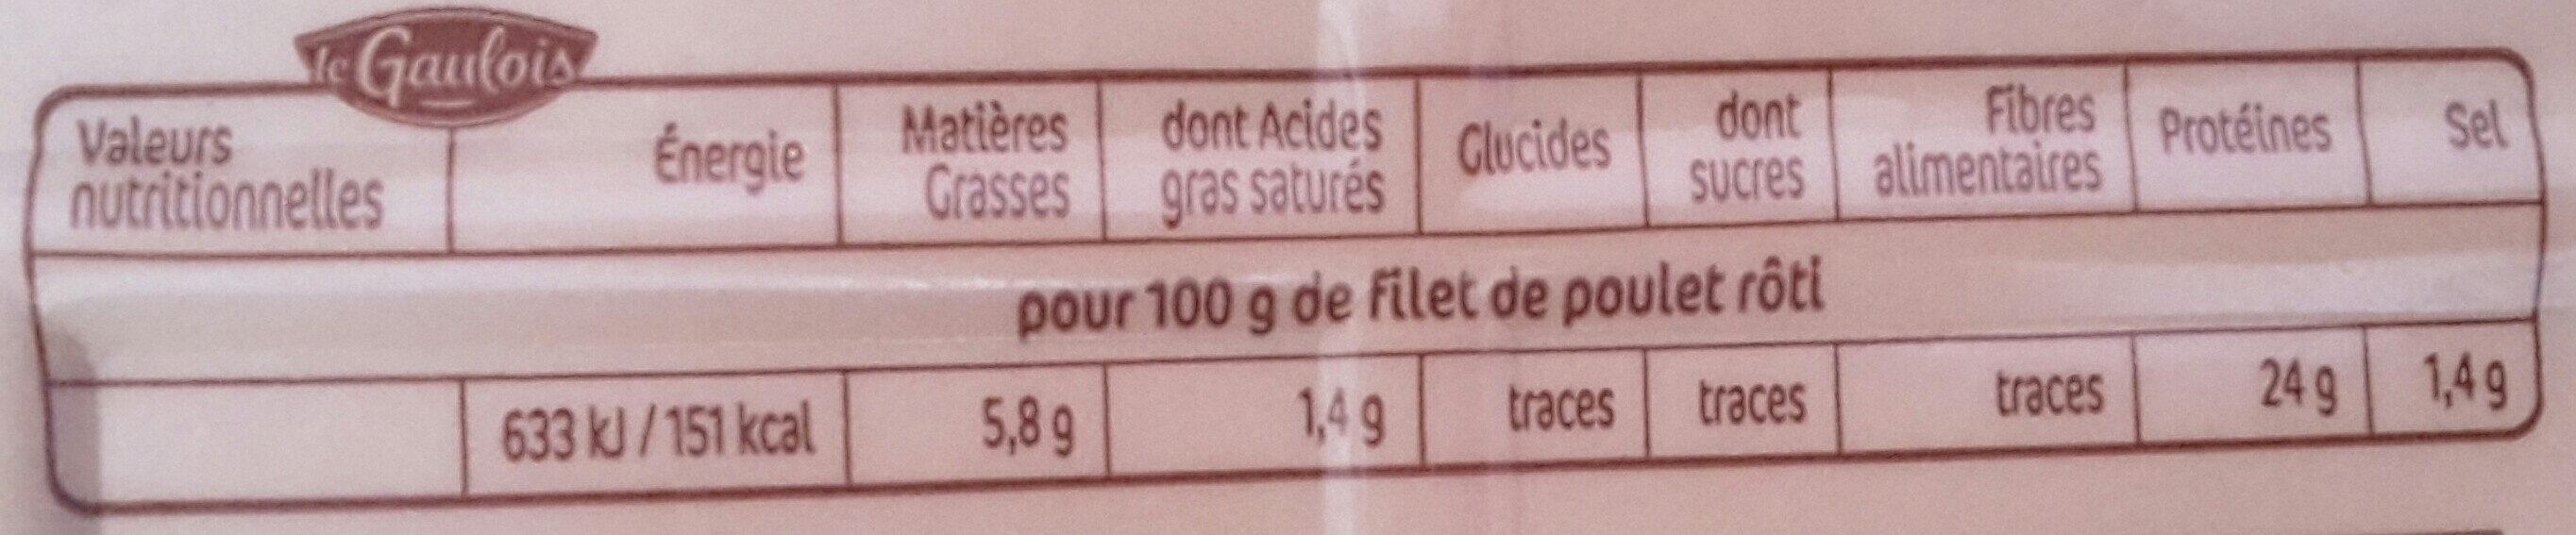 Filet de poulet roti - Informations nutritionnelles